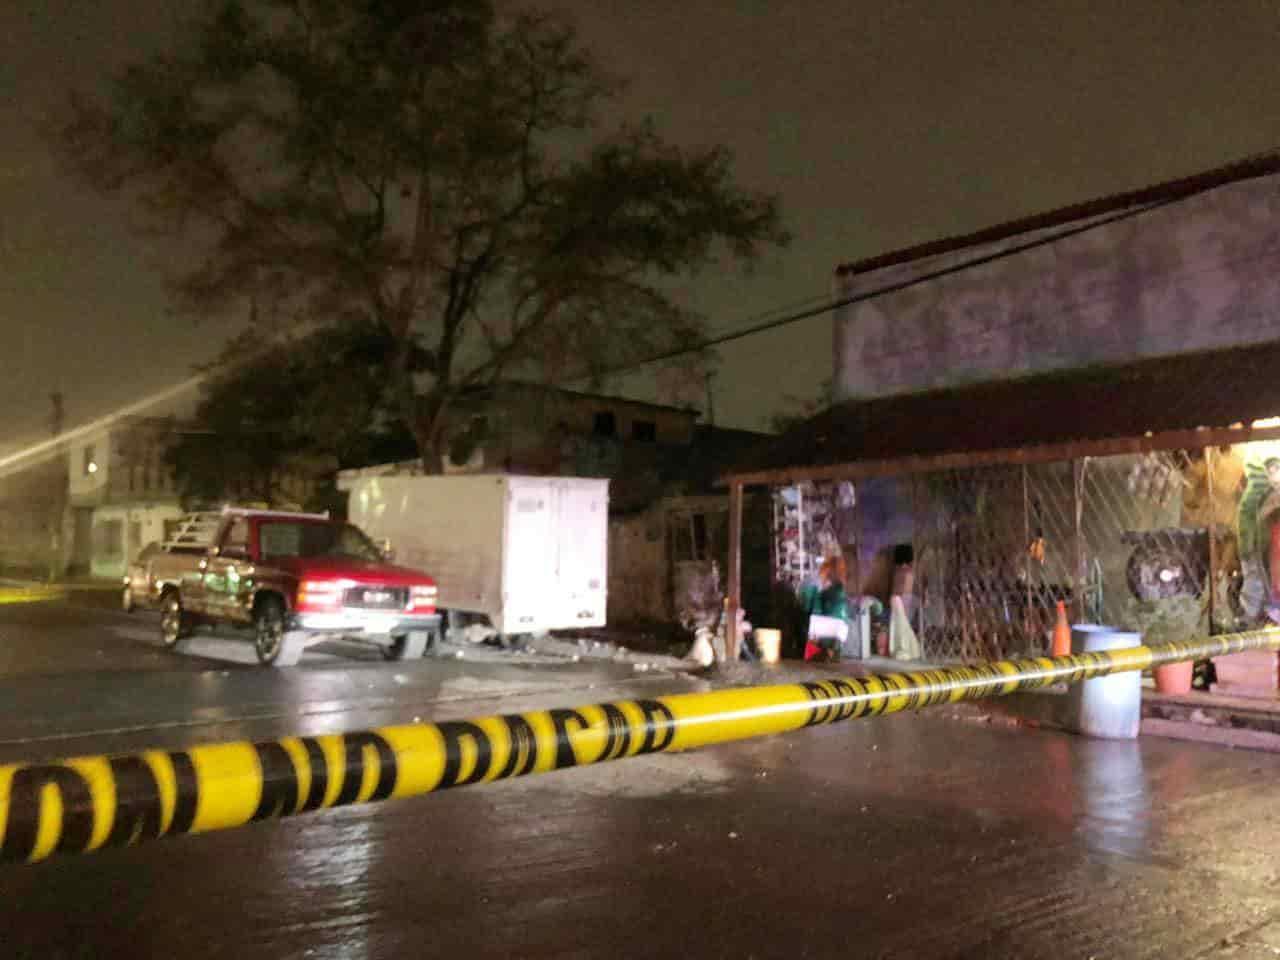 Las víctimas resultaron con heridas por arma de fuego, uno de ellos en la cabeza